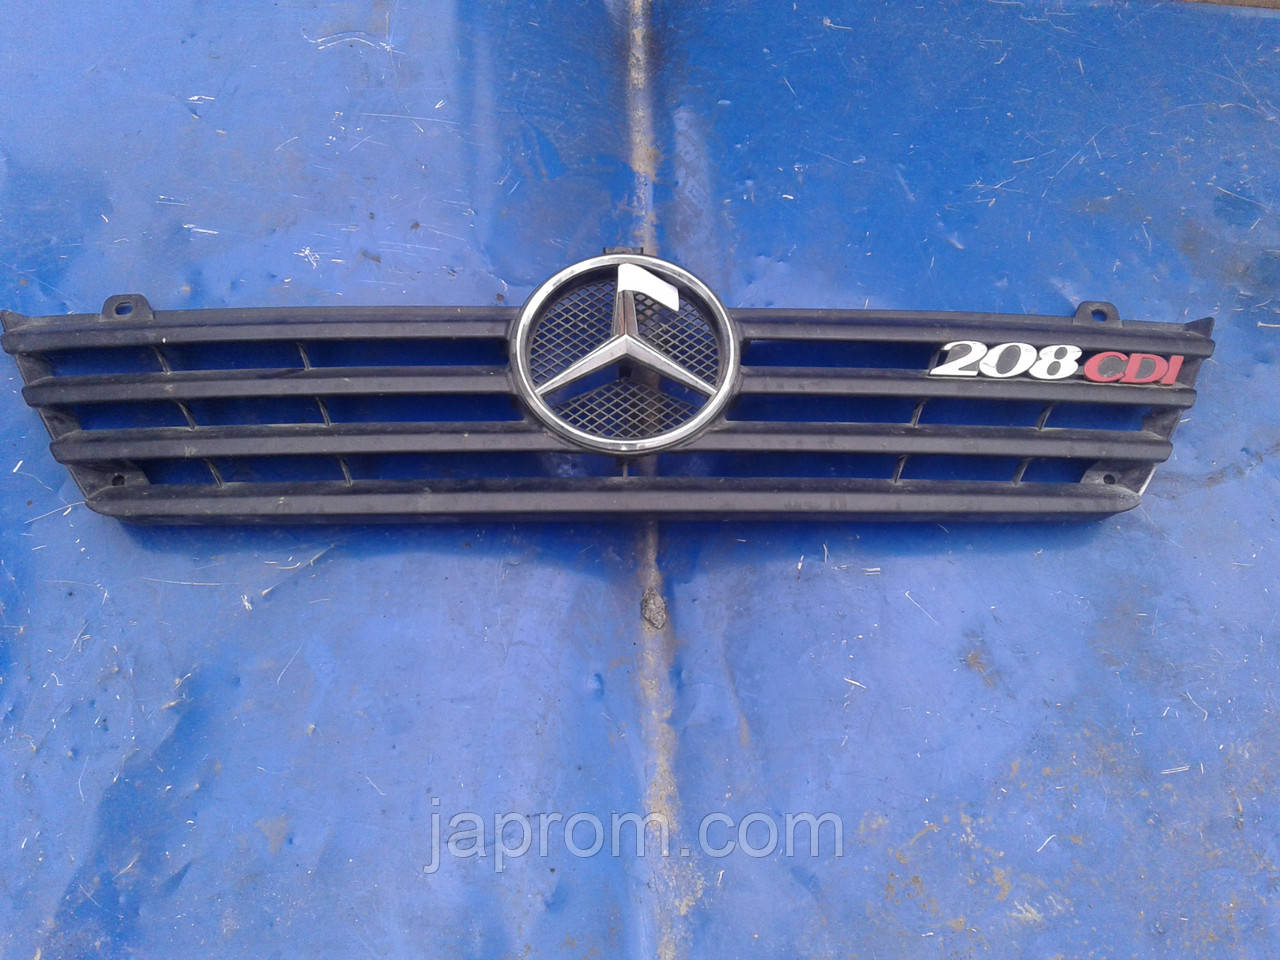 Решетка радиатора Mercedes Sprinter 2005 г.в 208 CDI